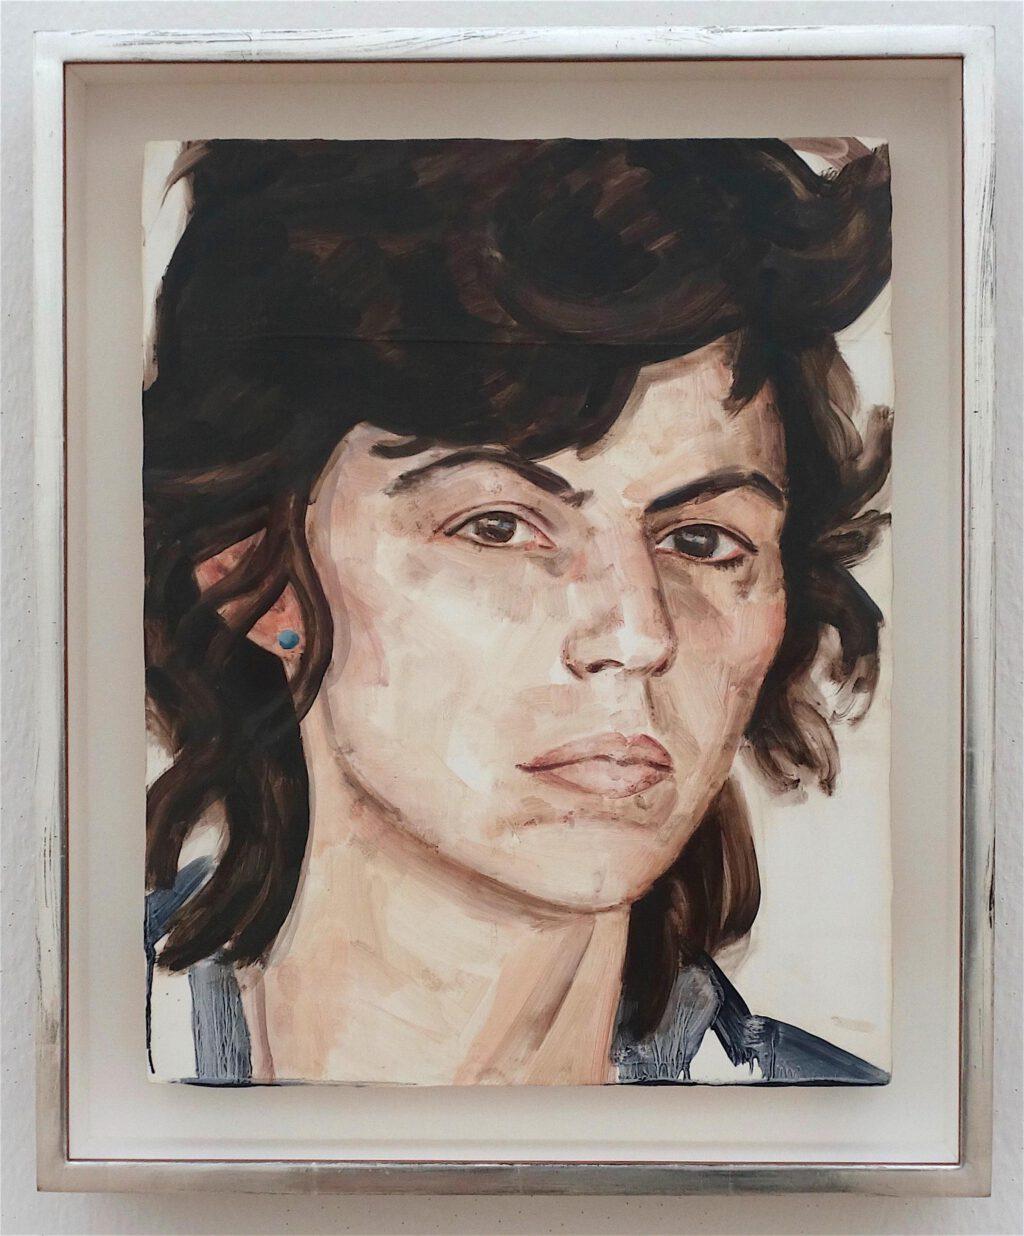 エリザベス・ペイトン「イサ・ゲンツケン1980年」木材に油彩、35.6 x 27.9 センチ、2010年